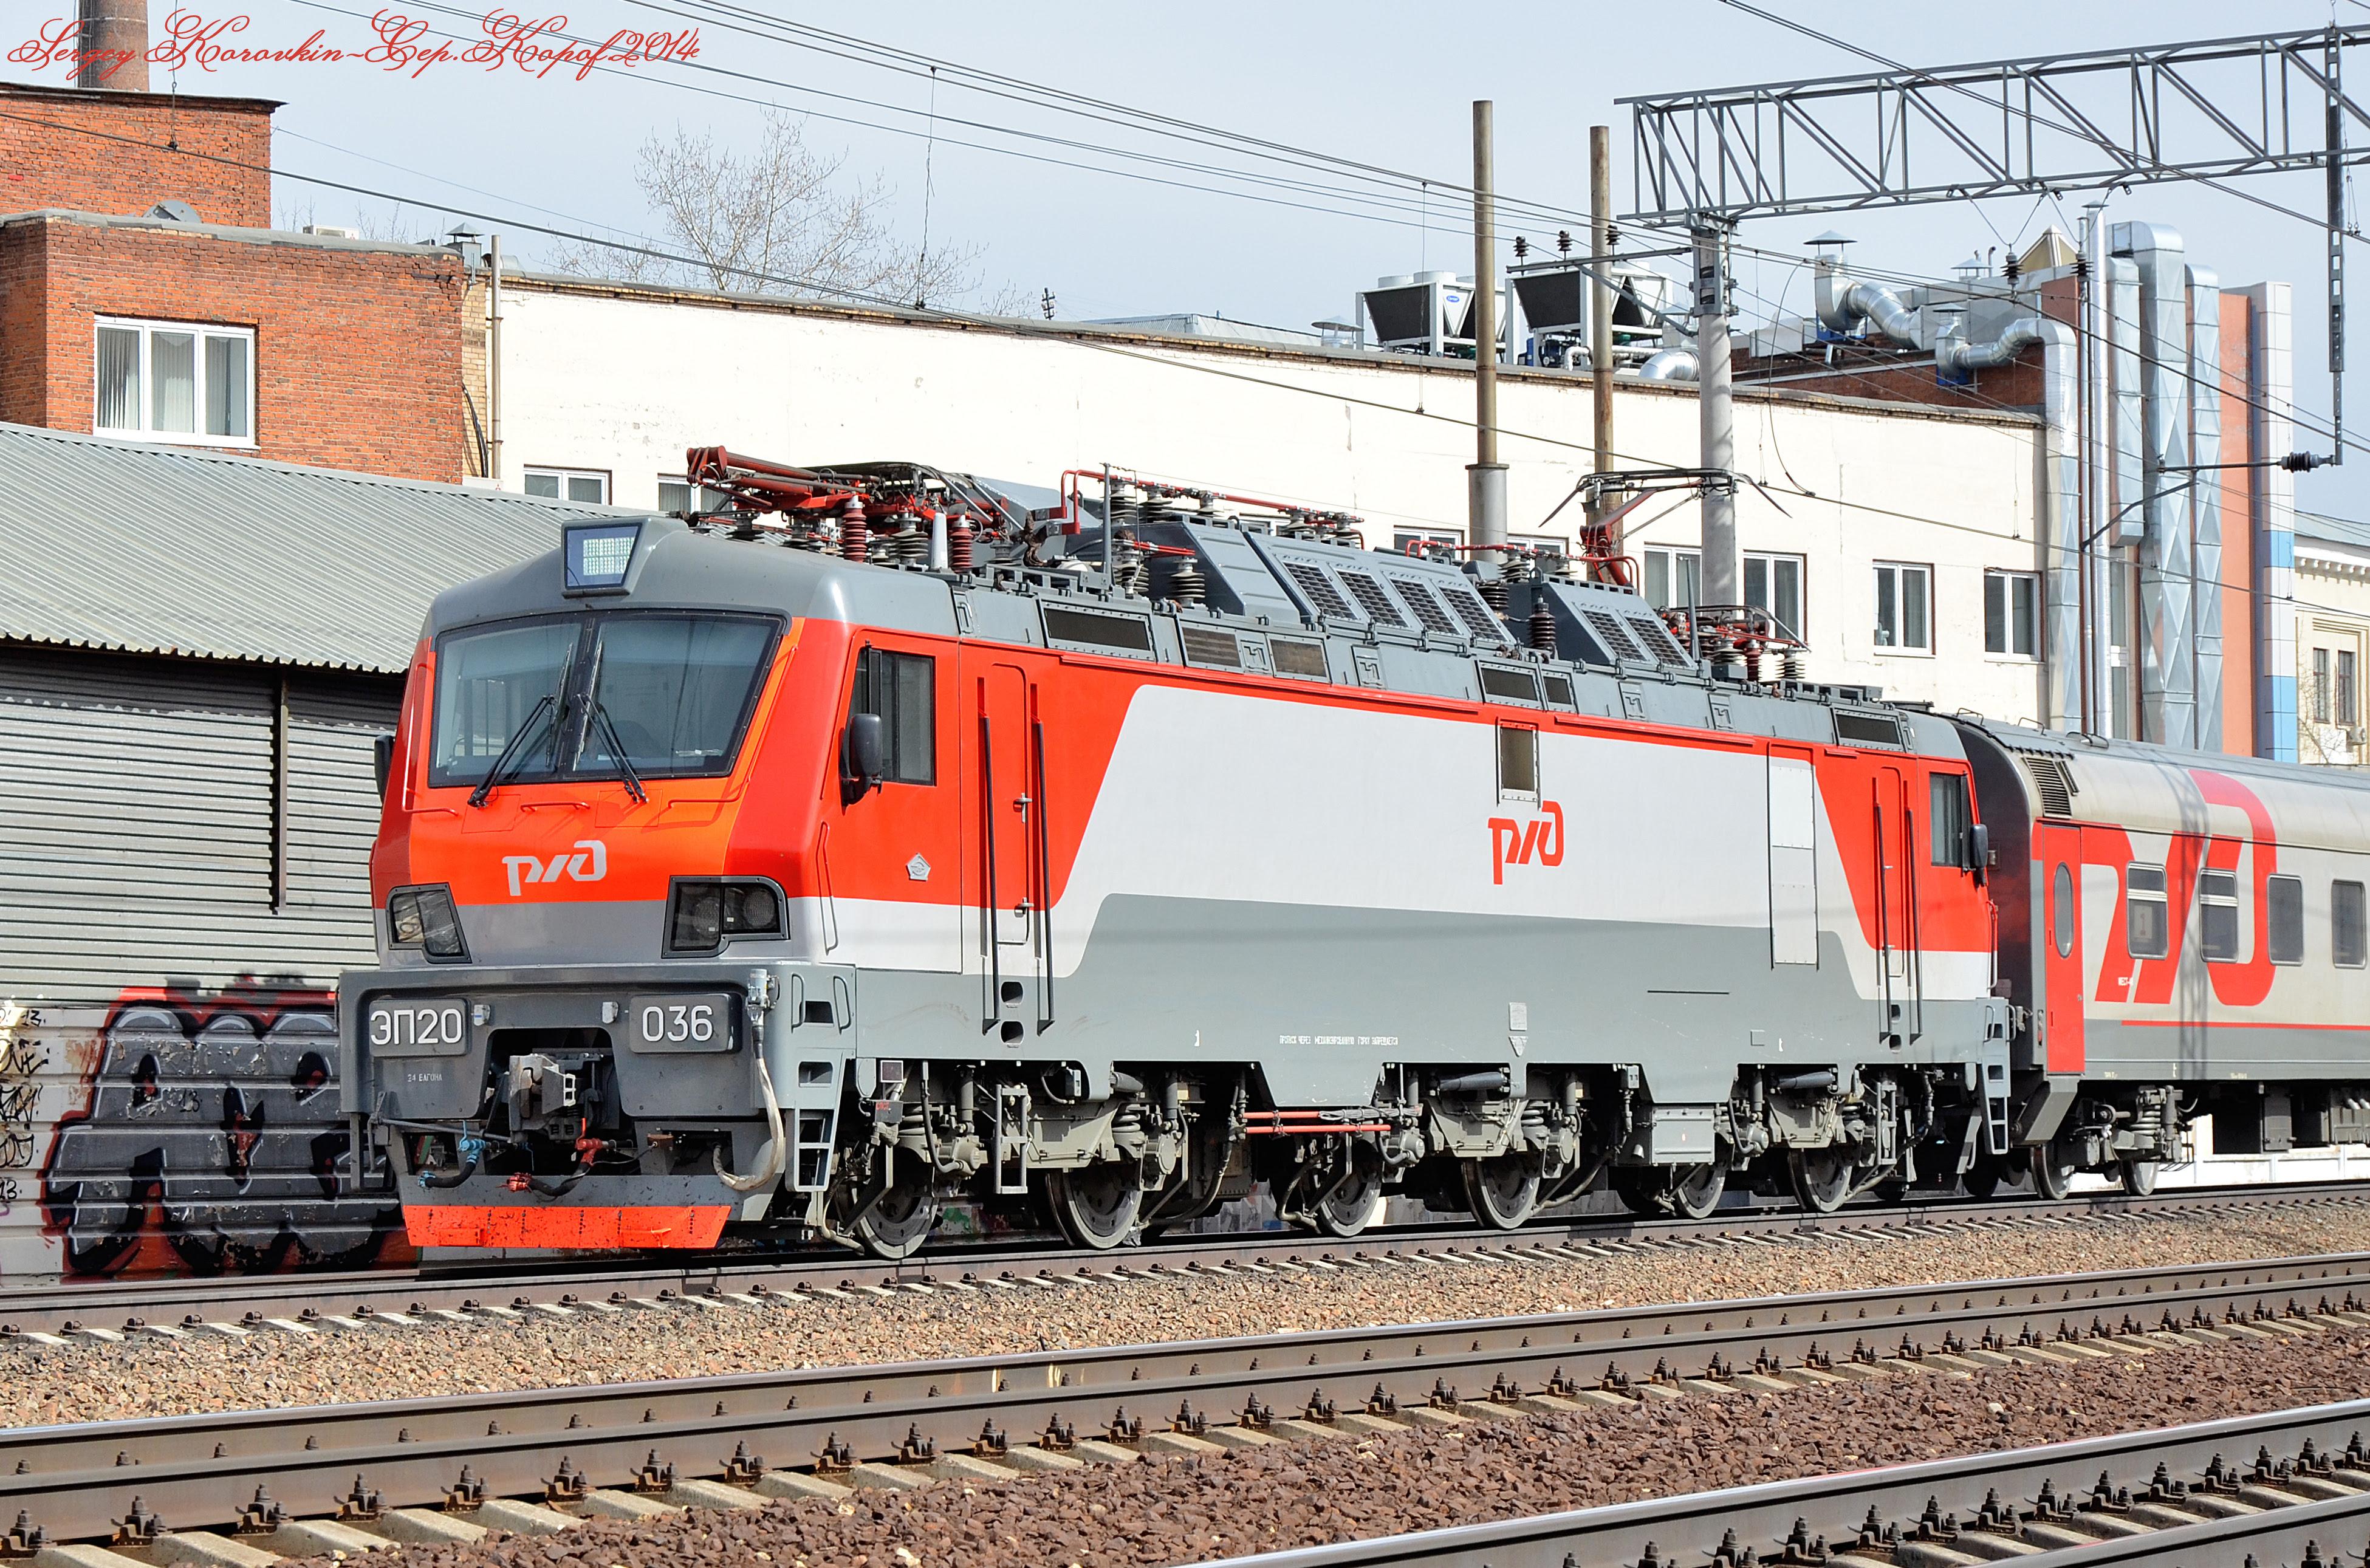 ЭП20-036.JPG